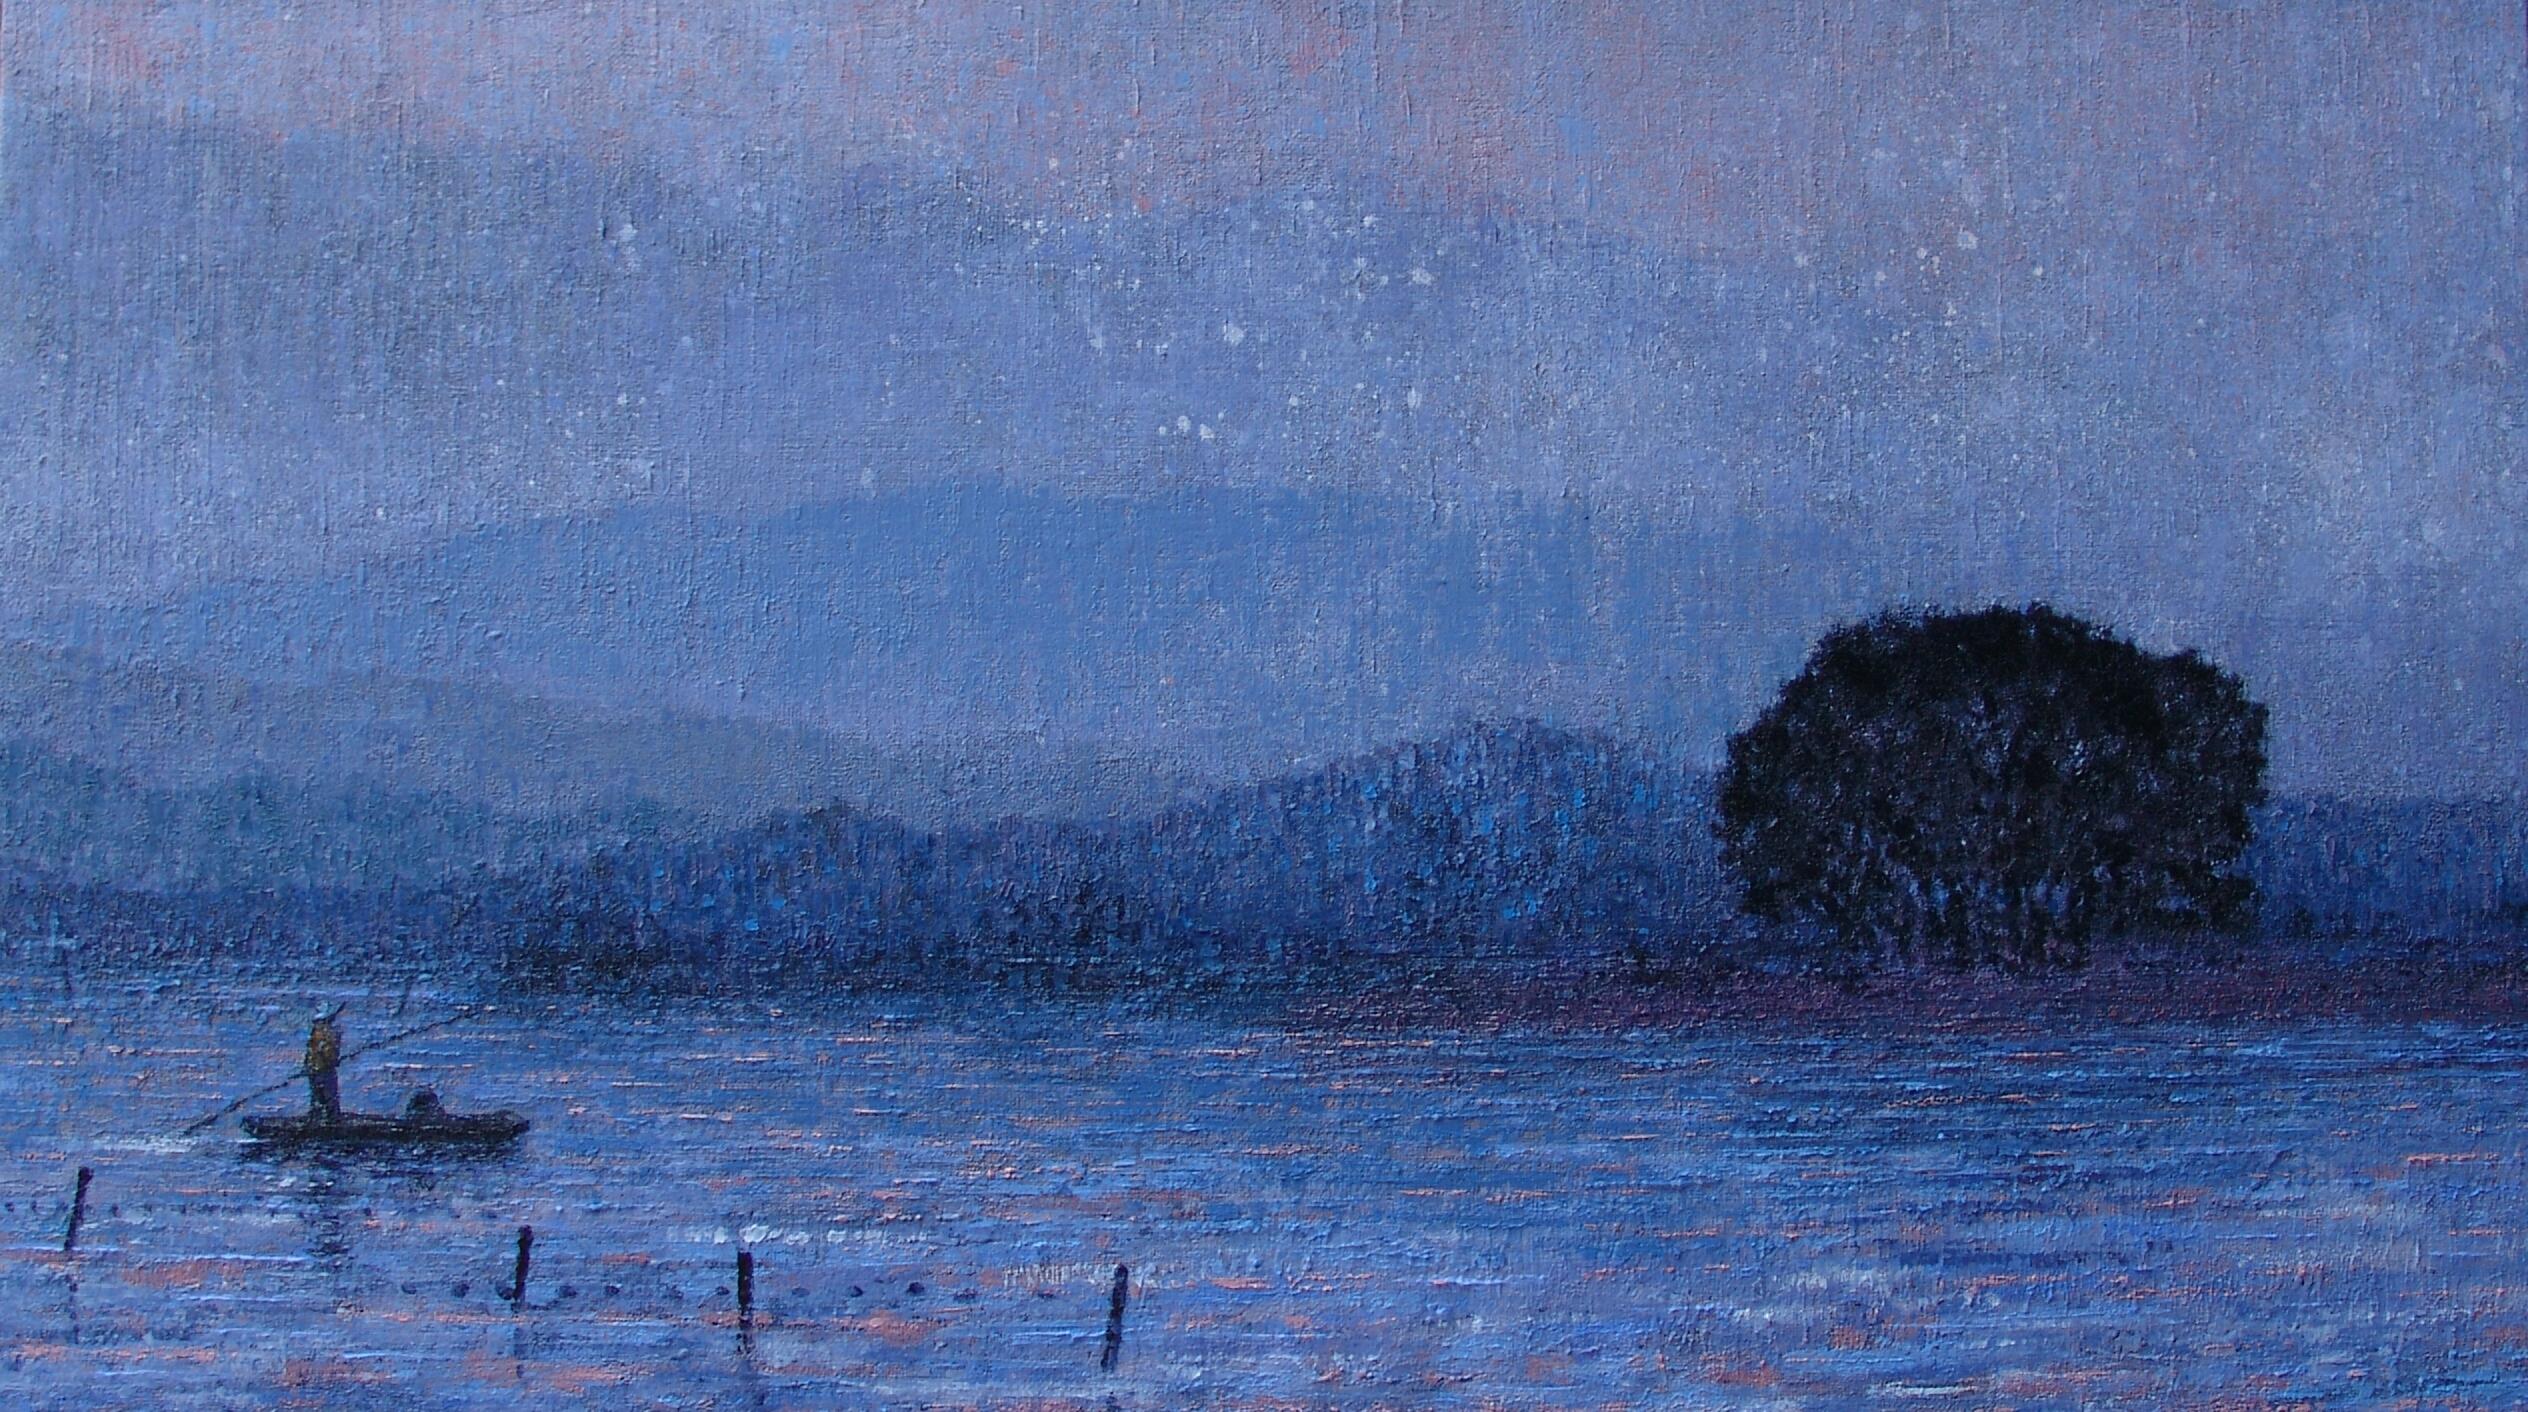 우포늪 이야기ㅡ흐르는 시간, 72.7×40.9cm, Oil on canvas, 2016